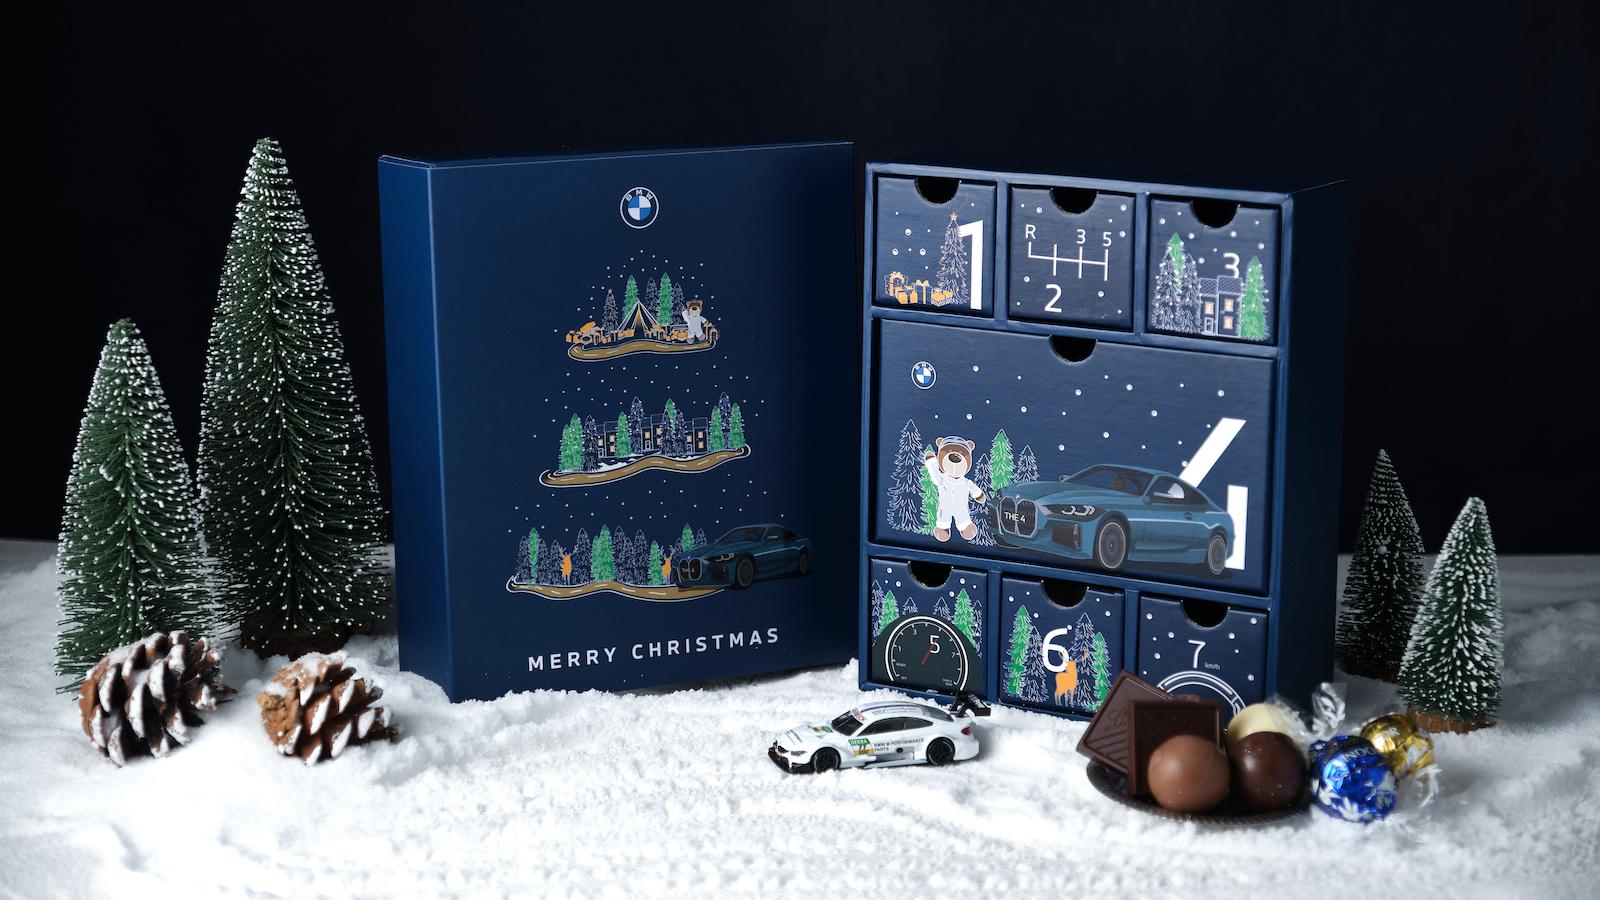 BMW 聖誕築夢計畫關懷兒童,捐款拿限量月曆